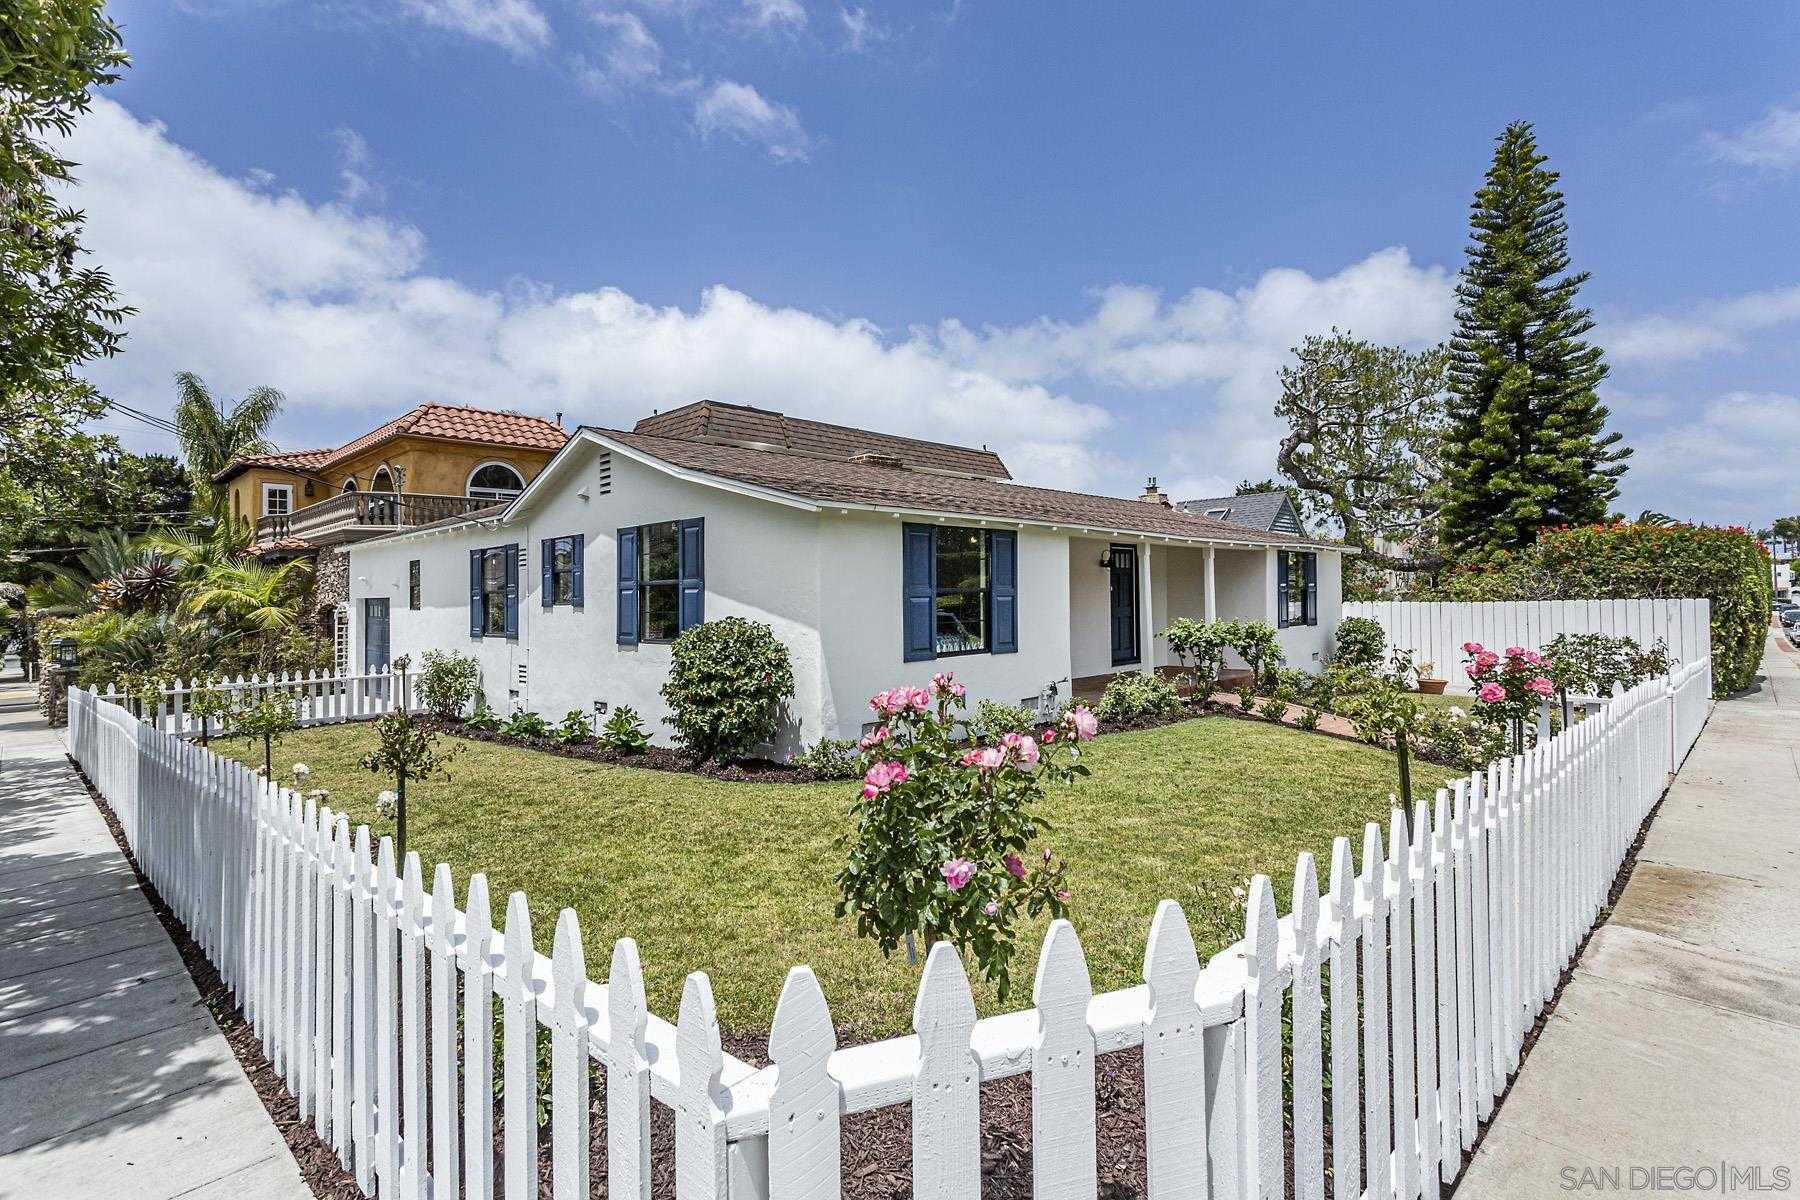 $2,490,000 - 5Br/5Ba -  for Sale in La Jolla, La Jolla